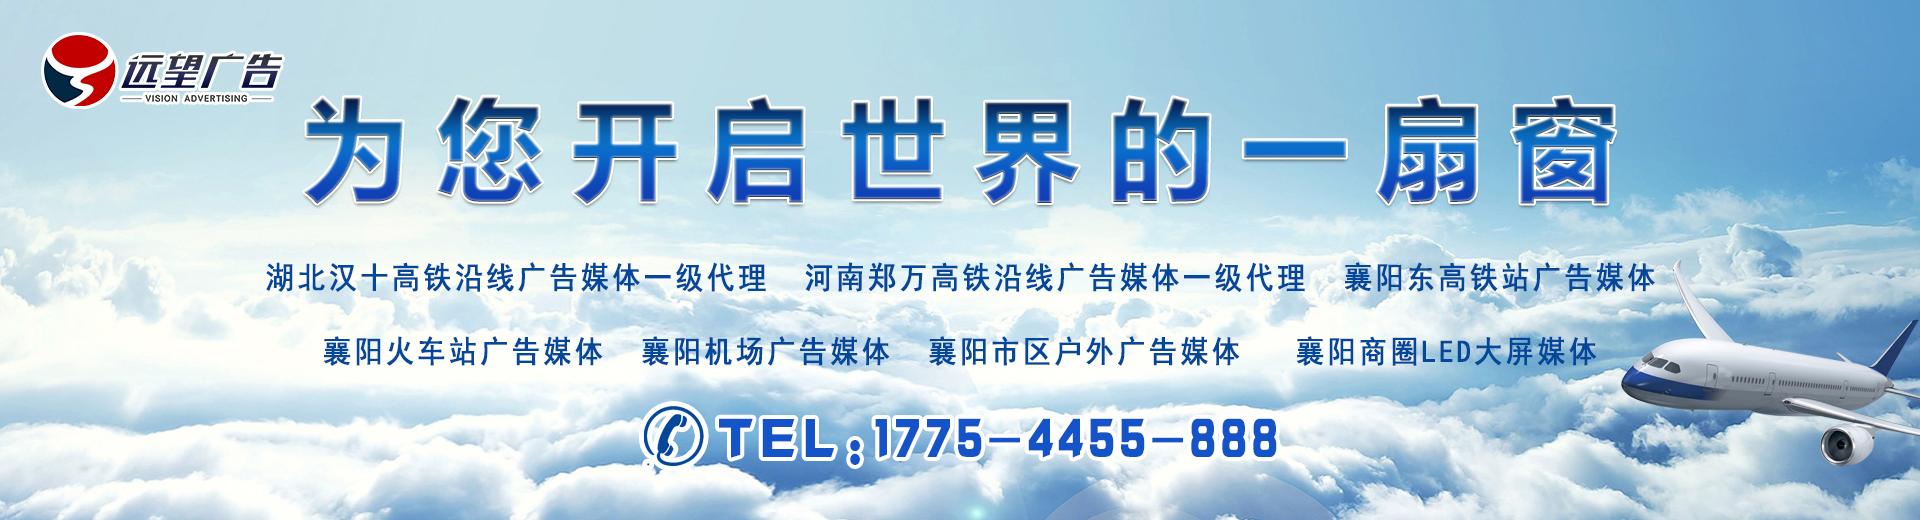 襄阳火车站广告